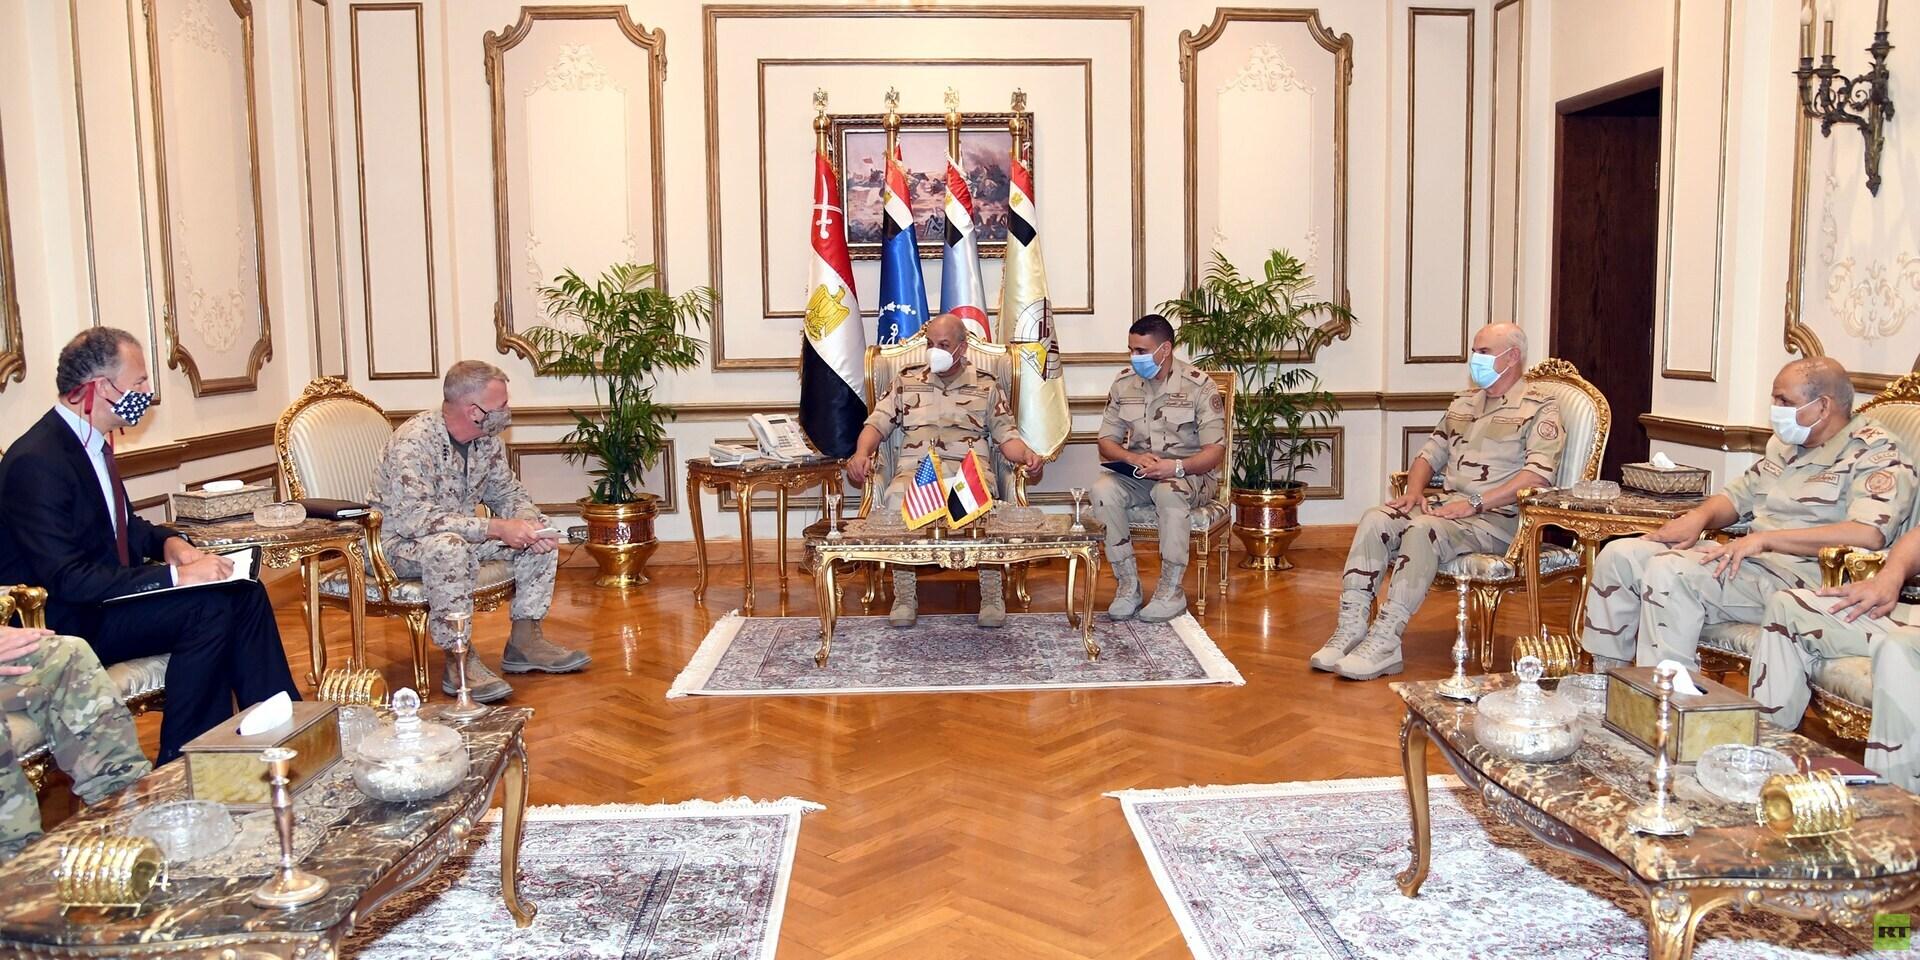 وزير الدفاع المصري يناقش مع قائد القيادة المركزية الأمريكية تطورات الأوضاع في المنطقة